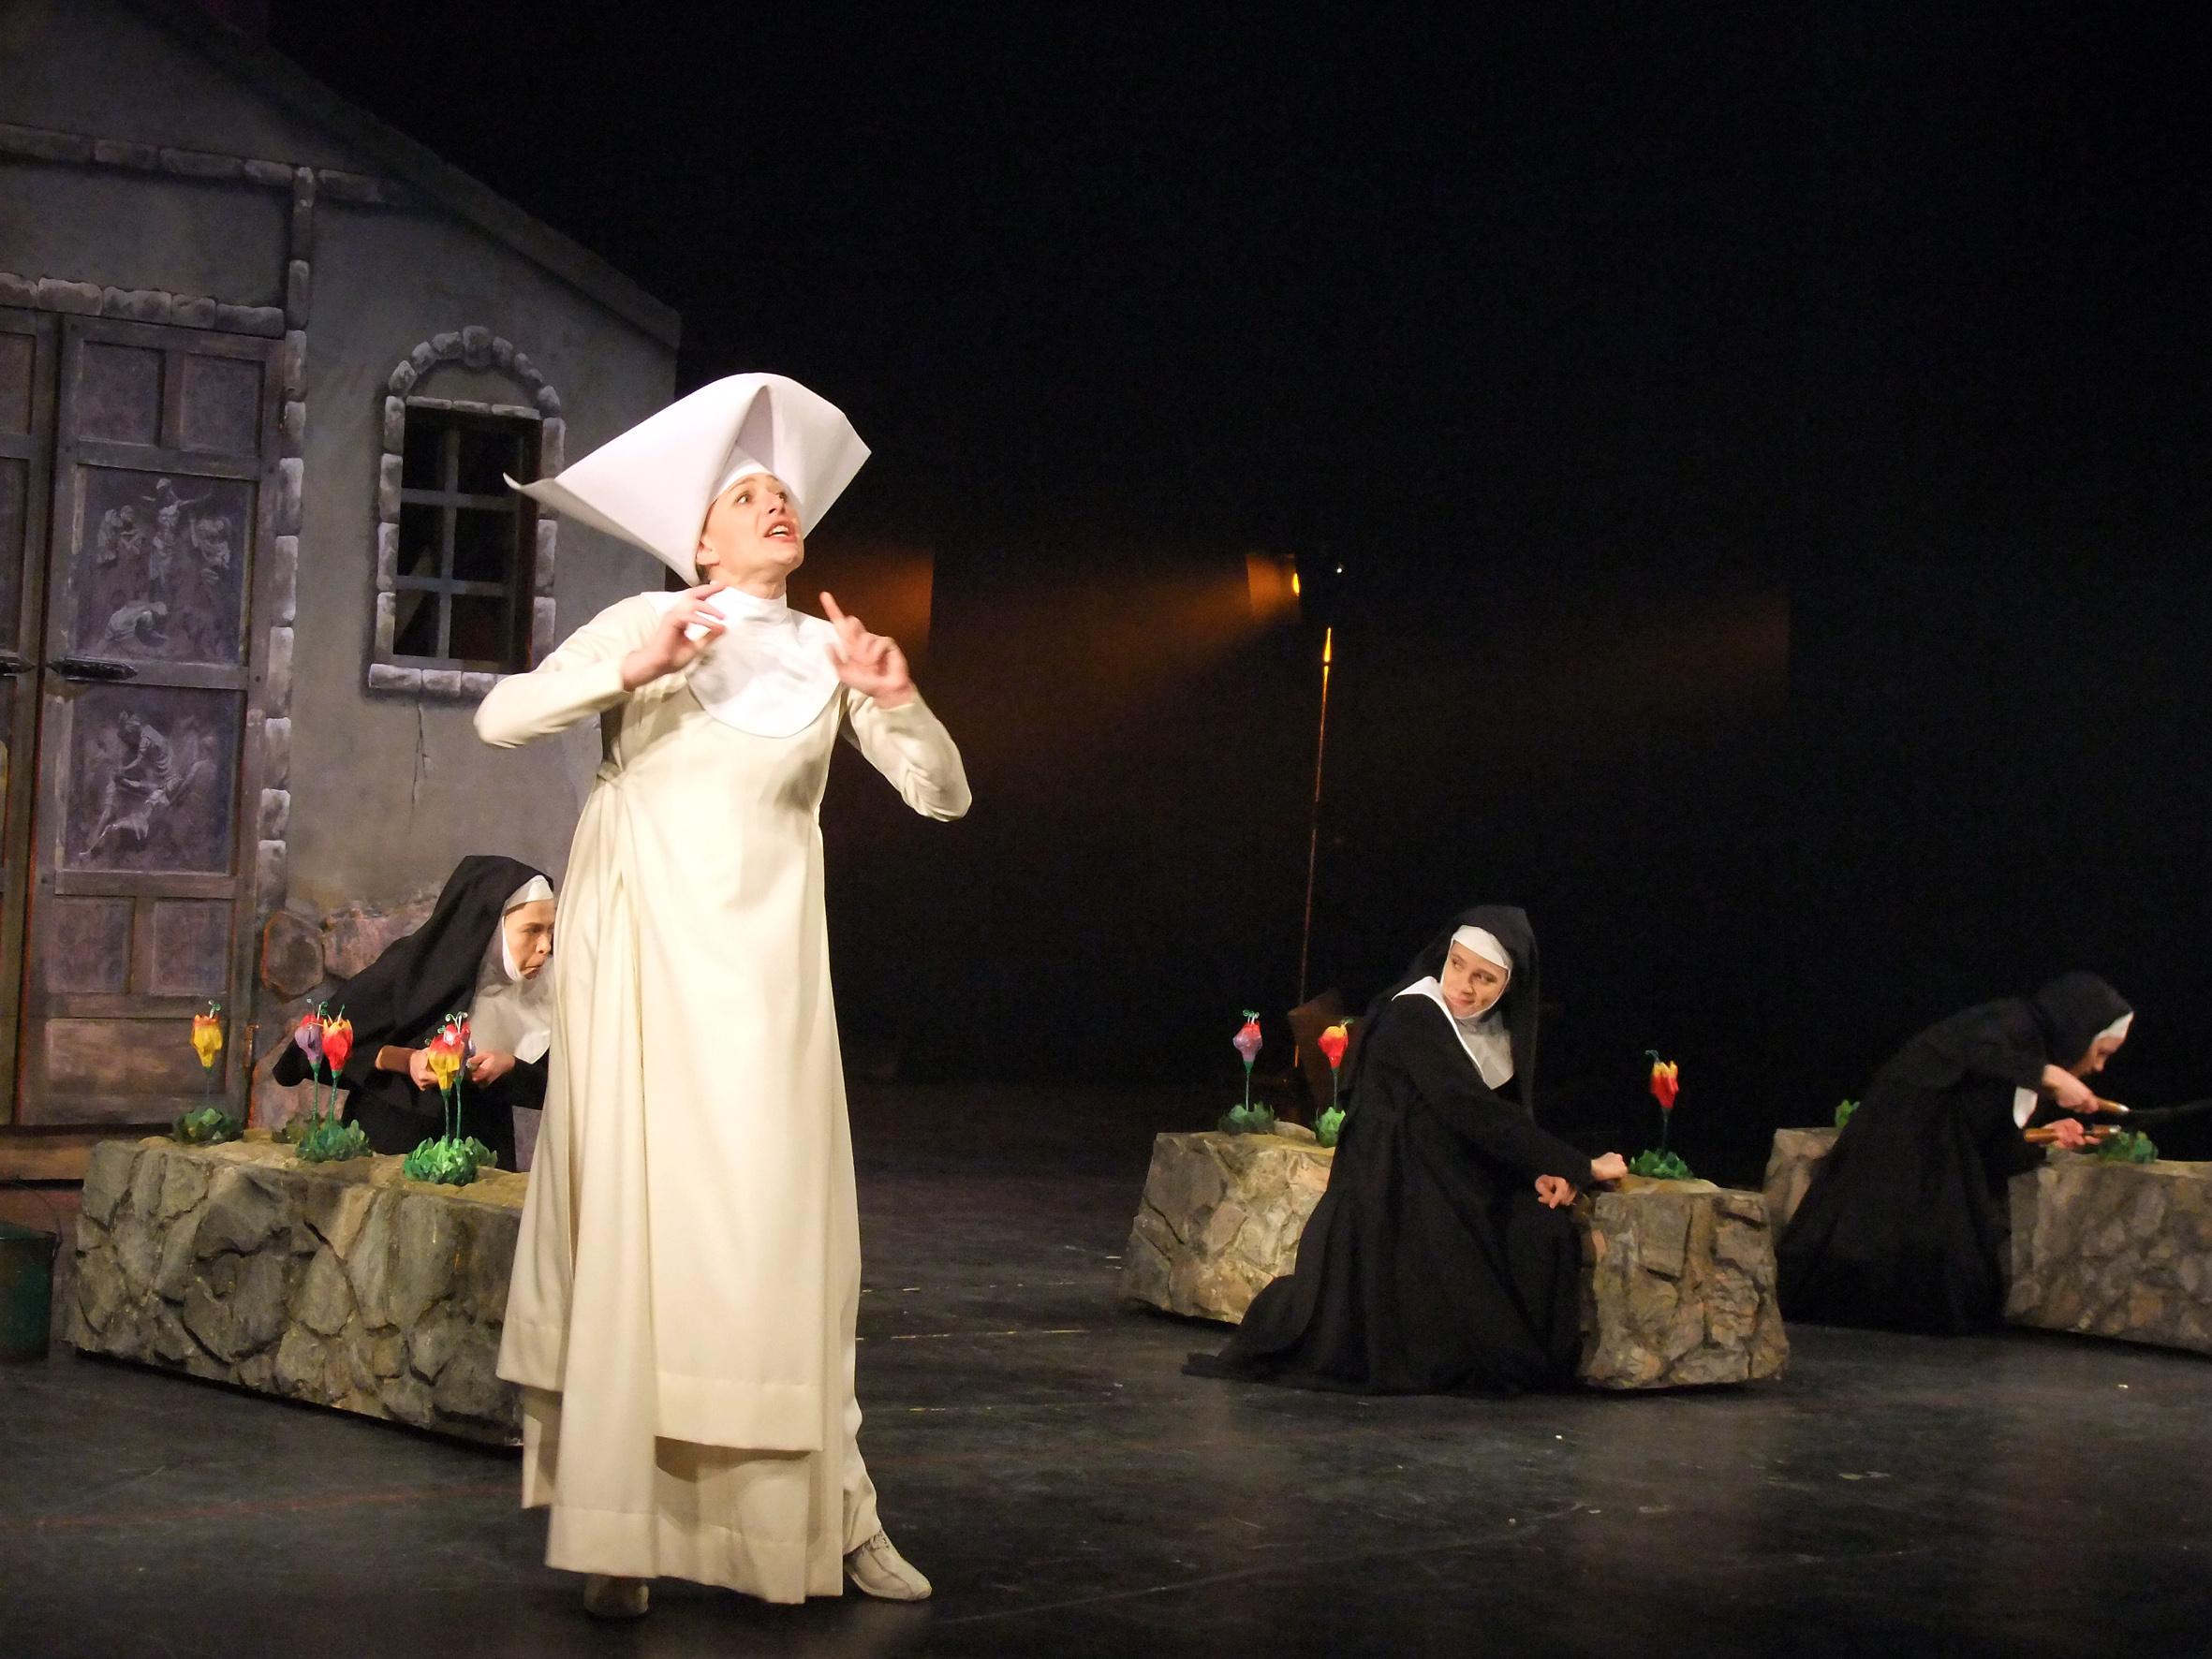 Театр пушкина представляет премьеру спектакля эстроген